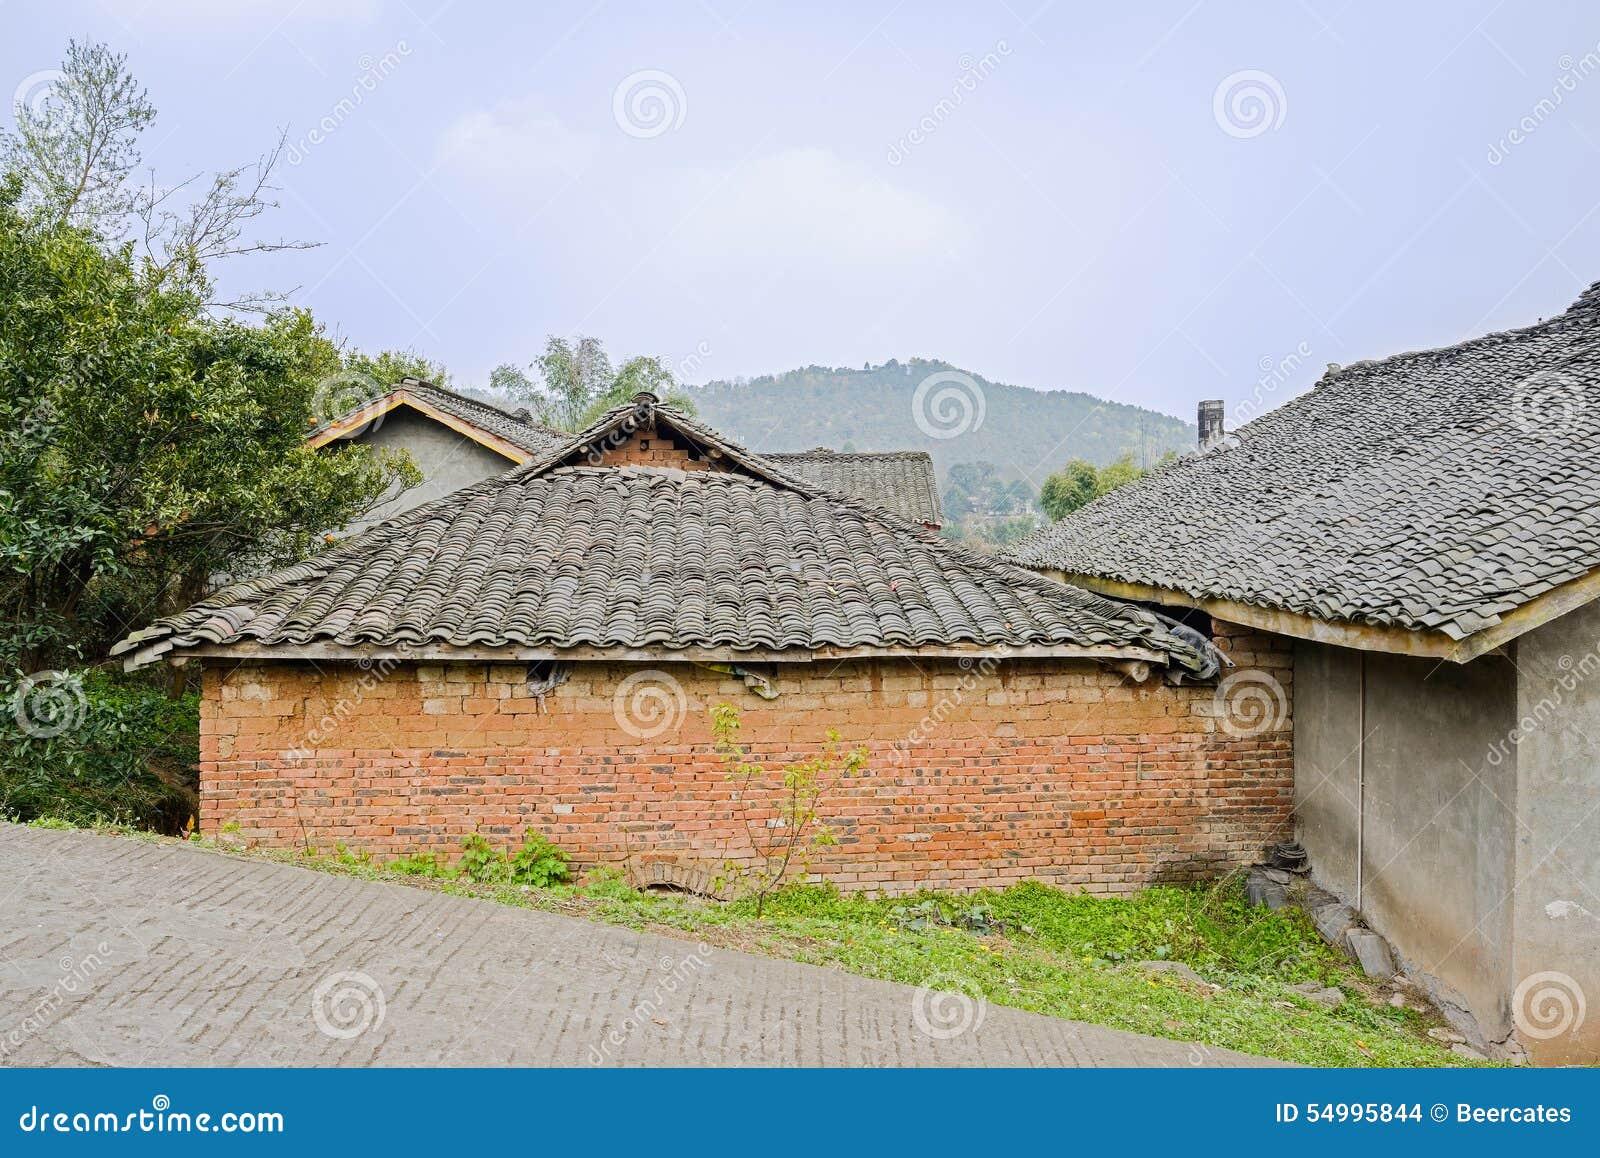 Fermes chinoises âgées par le countryroad slopy en ressort ensoleillé